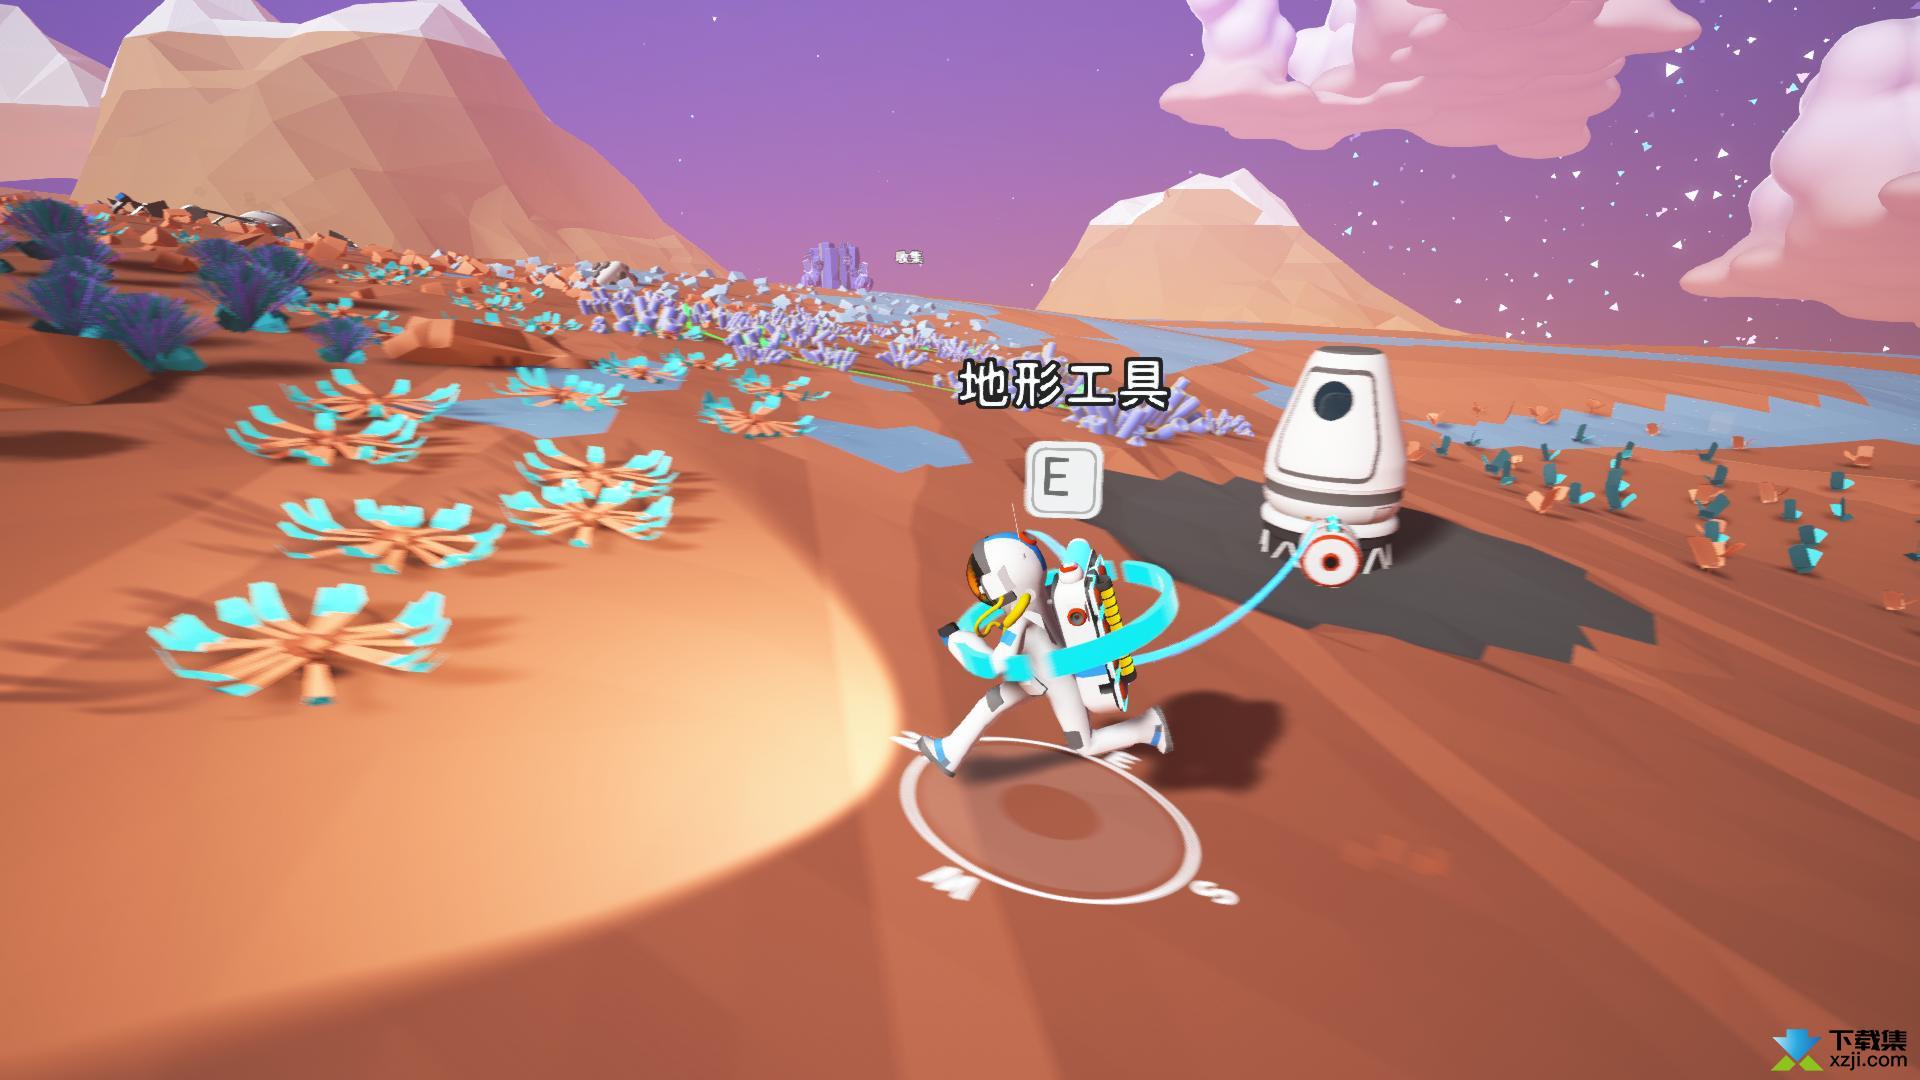 异星探险家界面1